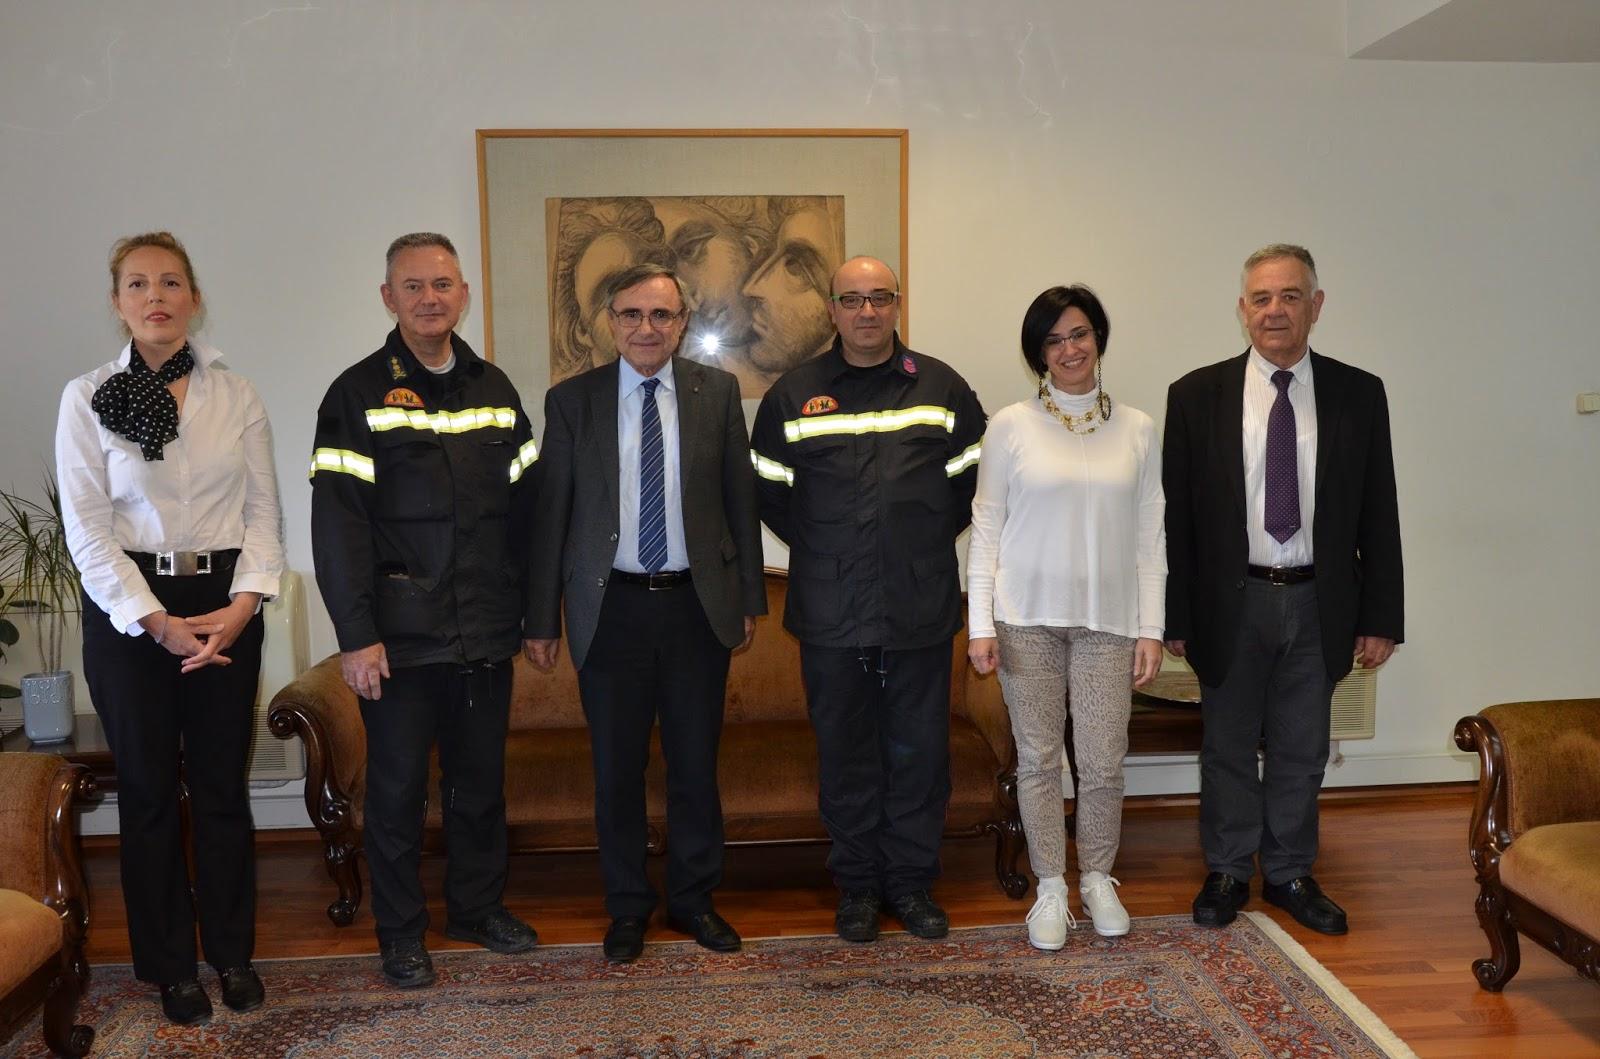 Συνάντηση εργασίας μεταξύ της Διοίκησης του Πανεπιστημίου Ιωαννίνων και της Διοίκησης Πυροσβεστικών Υπηρεσιών Ν. Ιωαννίνων